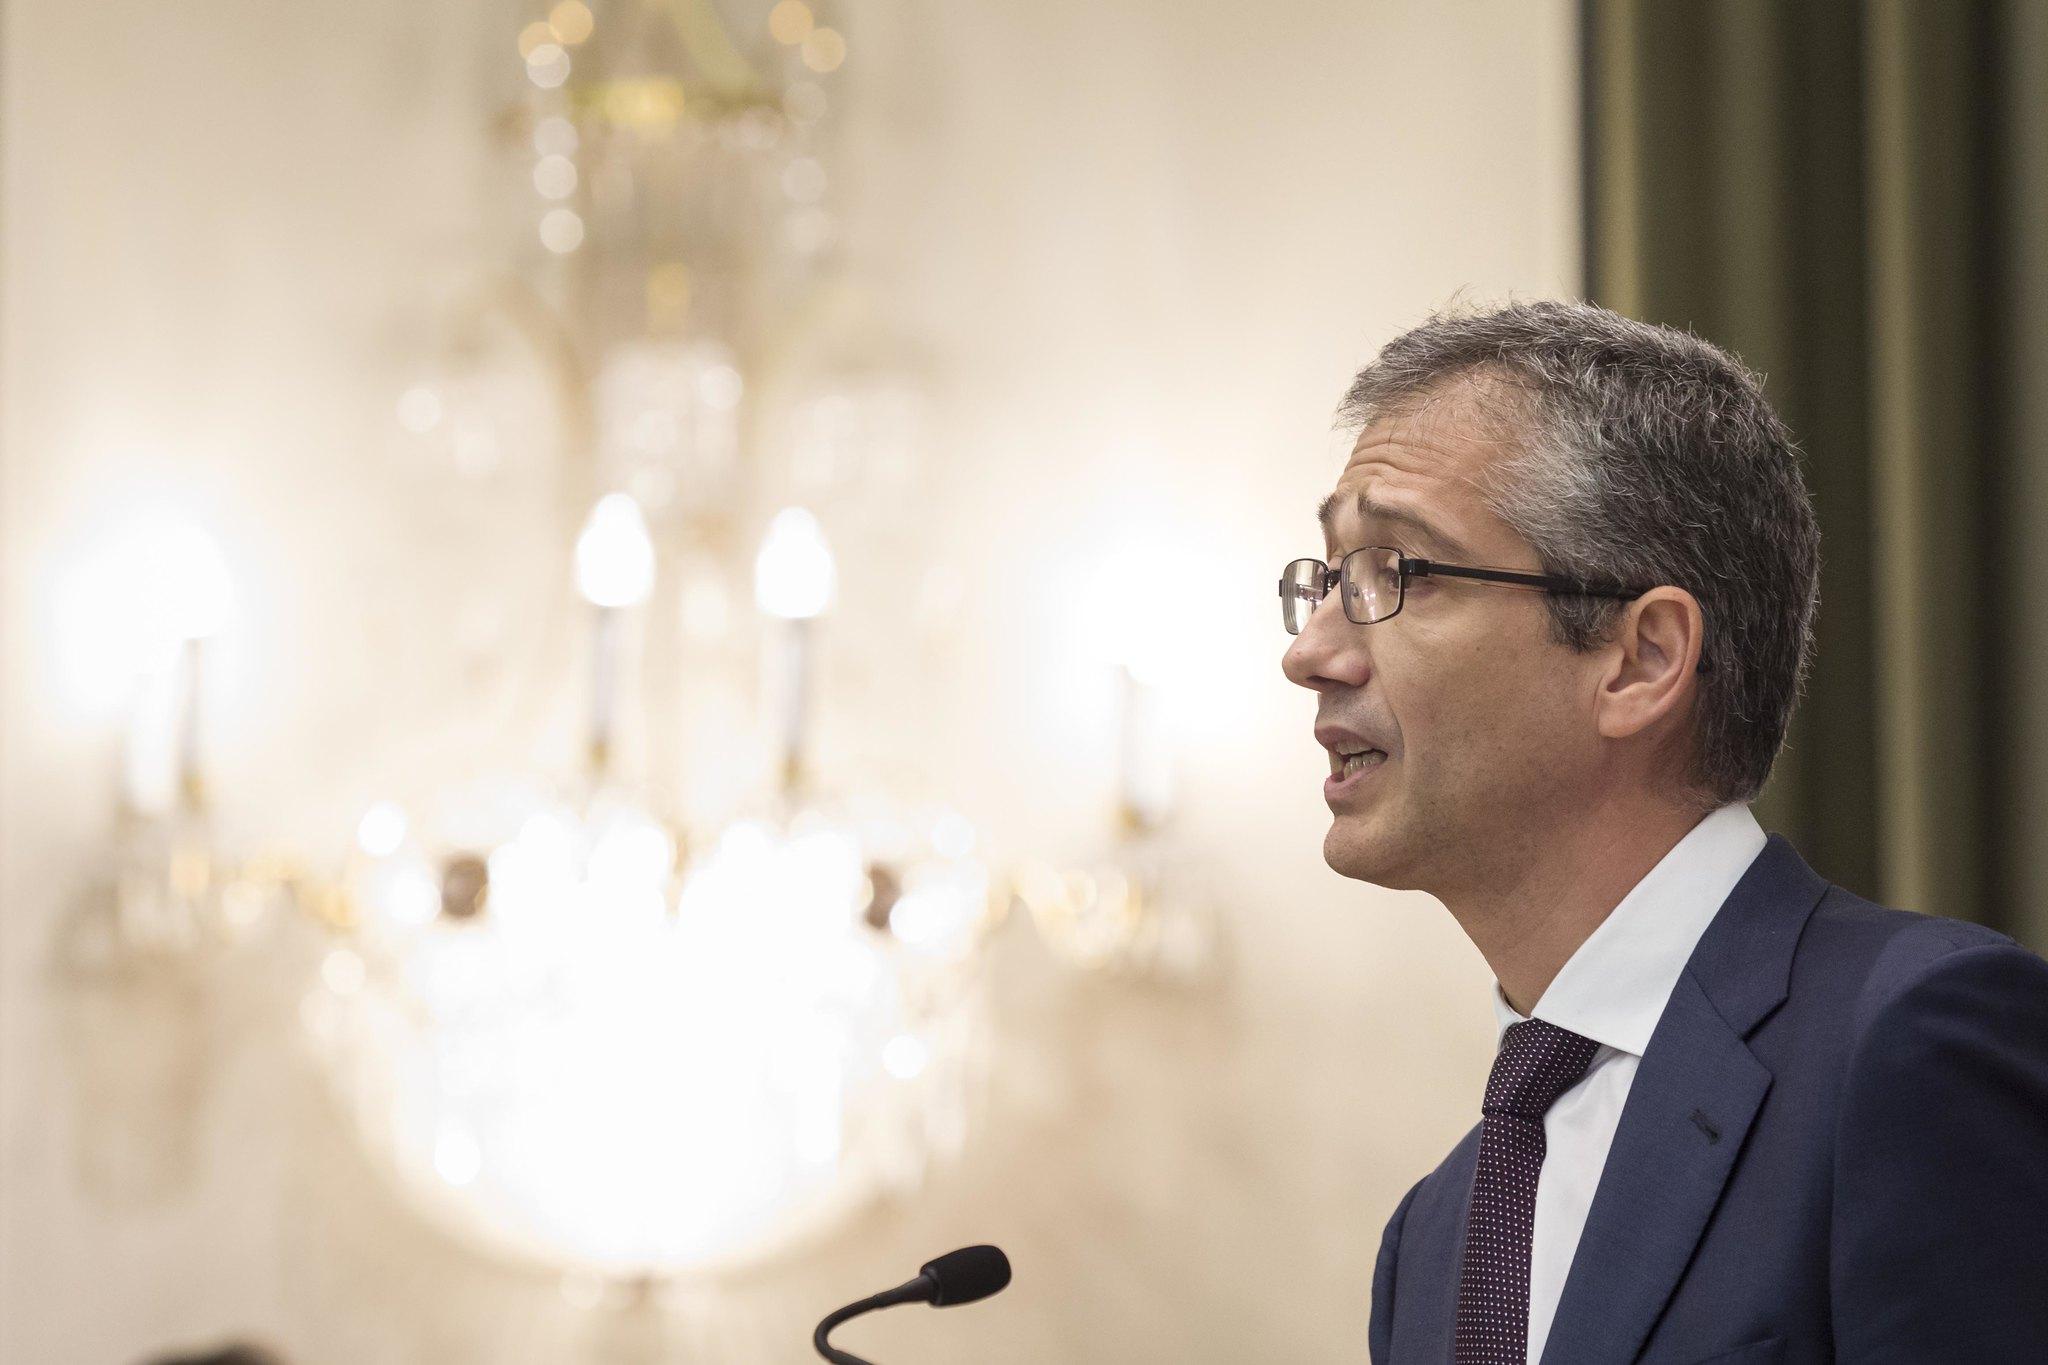 Pablo Hernández de Cos, gobernador del Banco de España / Flickr/Creative commons